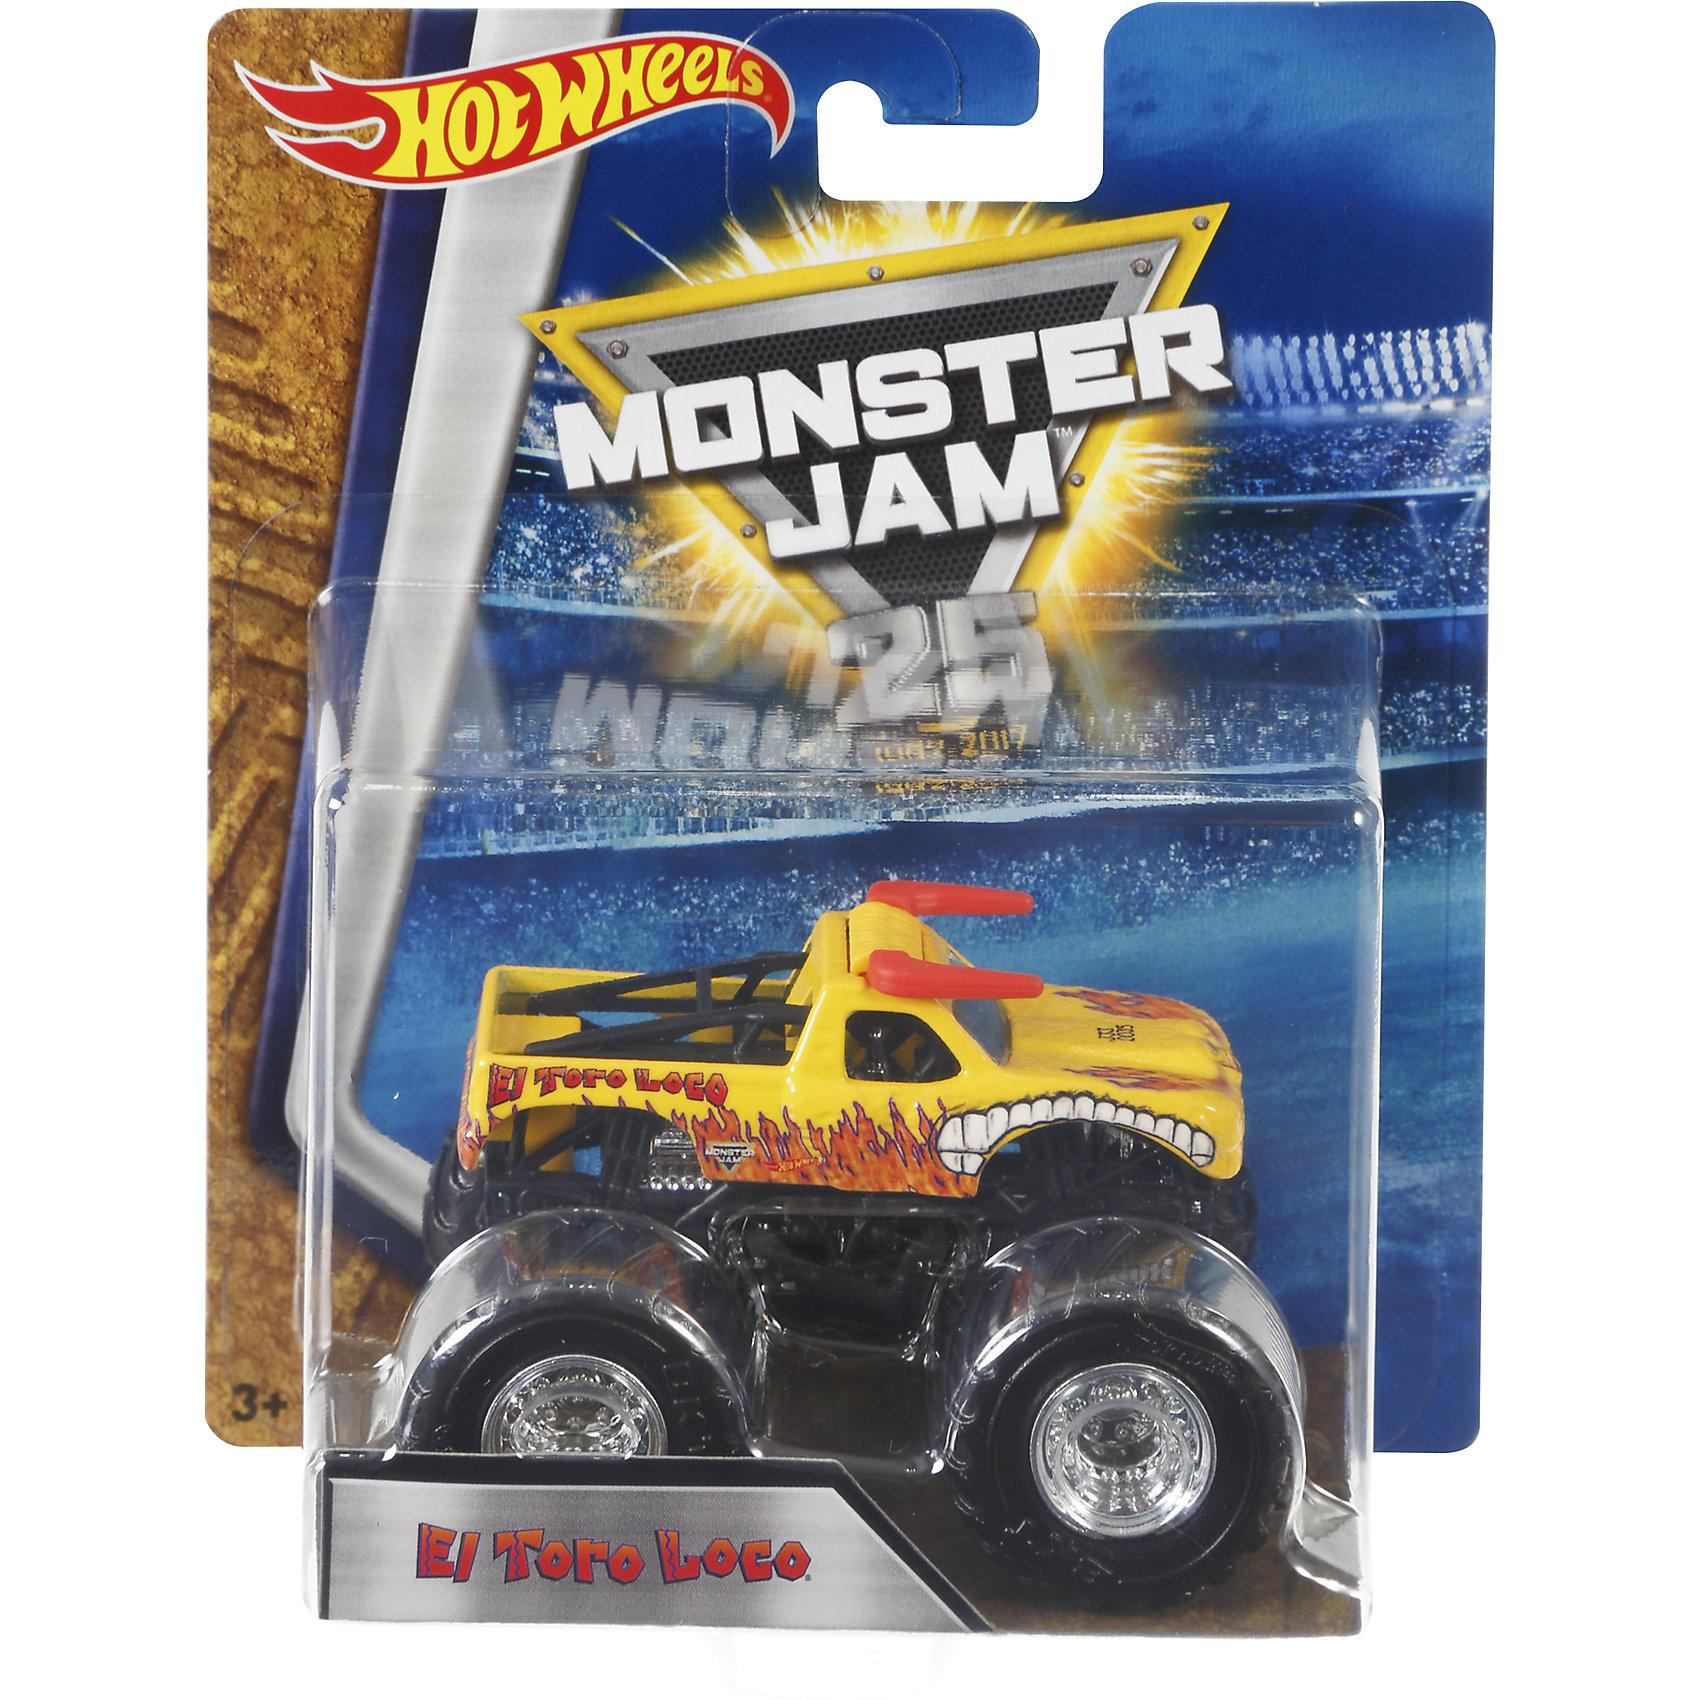 Машинка 1:64,  Monster Jam, Hot WheelsМашинки<br>Характеристики игрушечной машинки Хот Вилс:<br><br>• серия: Monster Jam;<br>• масштаб: 1:64;<br>• литой корпус;<br>• хромированные диски;<br>• проходимость колес; <br>• длина машинки: 8,5 см;<br>• размер упаковки: 17,5х14х7,5 см;<br>• вес в упаковке: 115 г.<br><br>Игрушечная модель машинки Hot Wheels на мощных колесах большого диаметра отличается высокой проходимостью, претендует на первенство в гонках, имеет литой корпус. Комбинированное использования пластика и металла делает машинку прочной и устойчивой к ударам и падениям. Тюнинг трюкового внедорожника Monster Jam соответствует пожеланиям юных коллекционеров линейки автомобилей Hot Wheels. <br><br>Машинку 1:64, Monster Jam, Hot Wheels можно купить в нашем интернет-магазине.<br><br>Ширина мм: 65<br>Глубина мм: 140<br>Высота мм: 175<br>Вес г: 130<br>Возраст от месяцев: 36<br>Возраст до месяцев: 84<br>Пол: Мужской<br>Возраст: Детский<br>SKU: 5285005